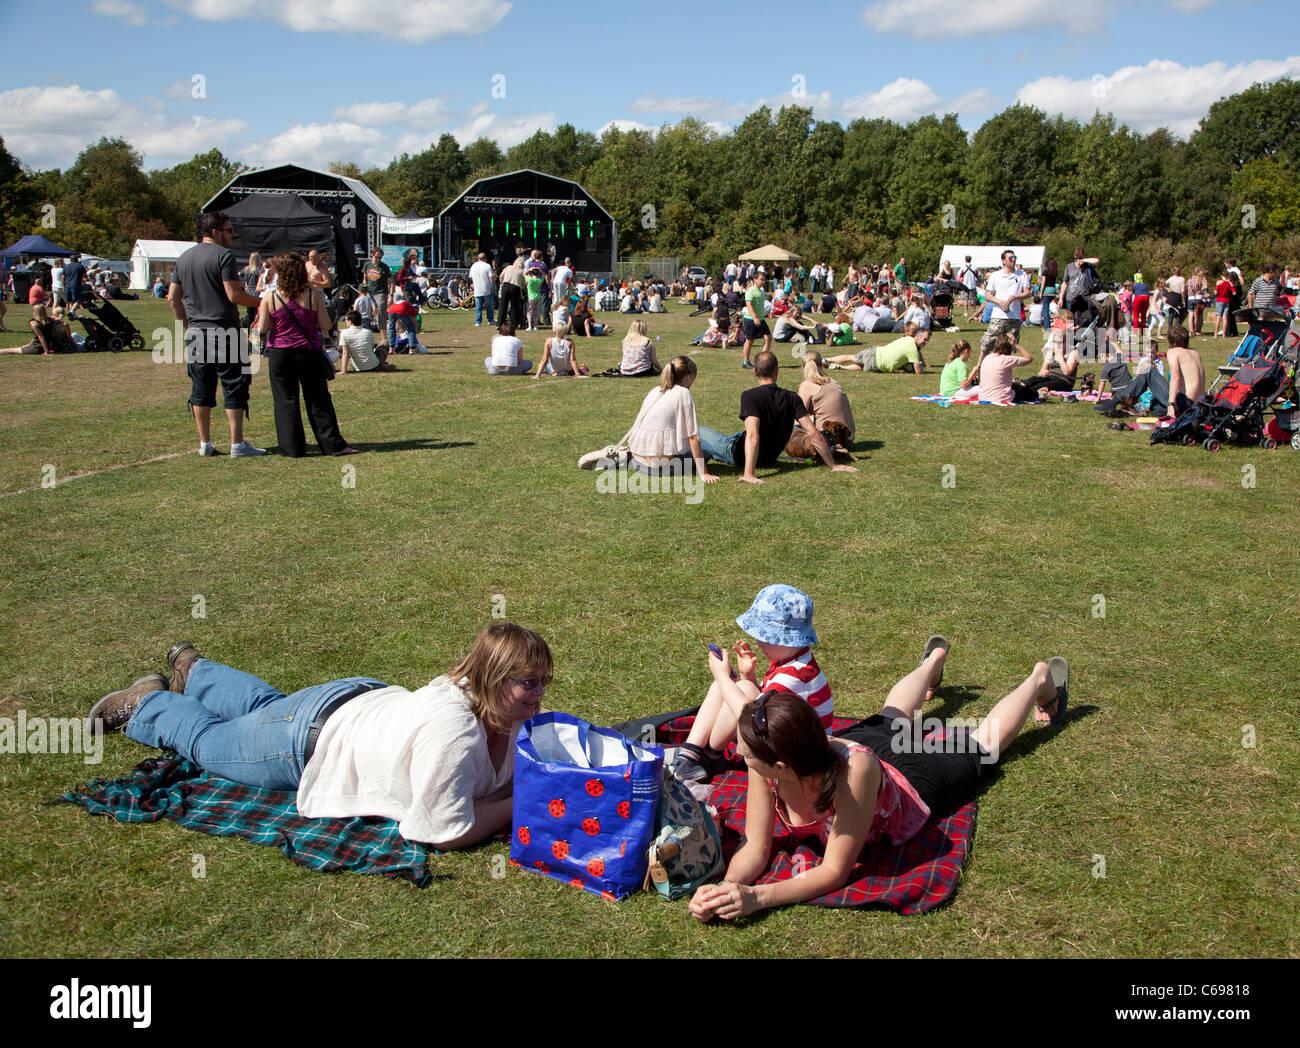 Audiencia en una fiesta familiar en Worcestershire, Reino Unido. Imagen De Stock